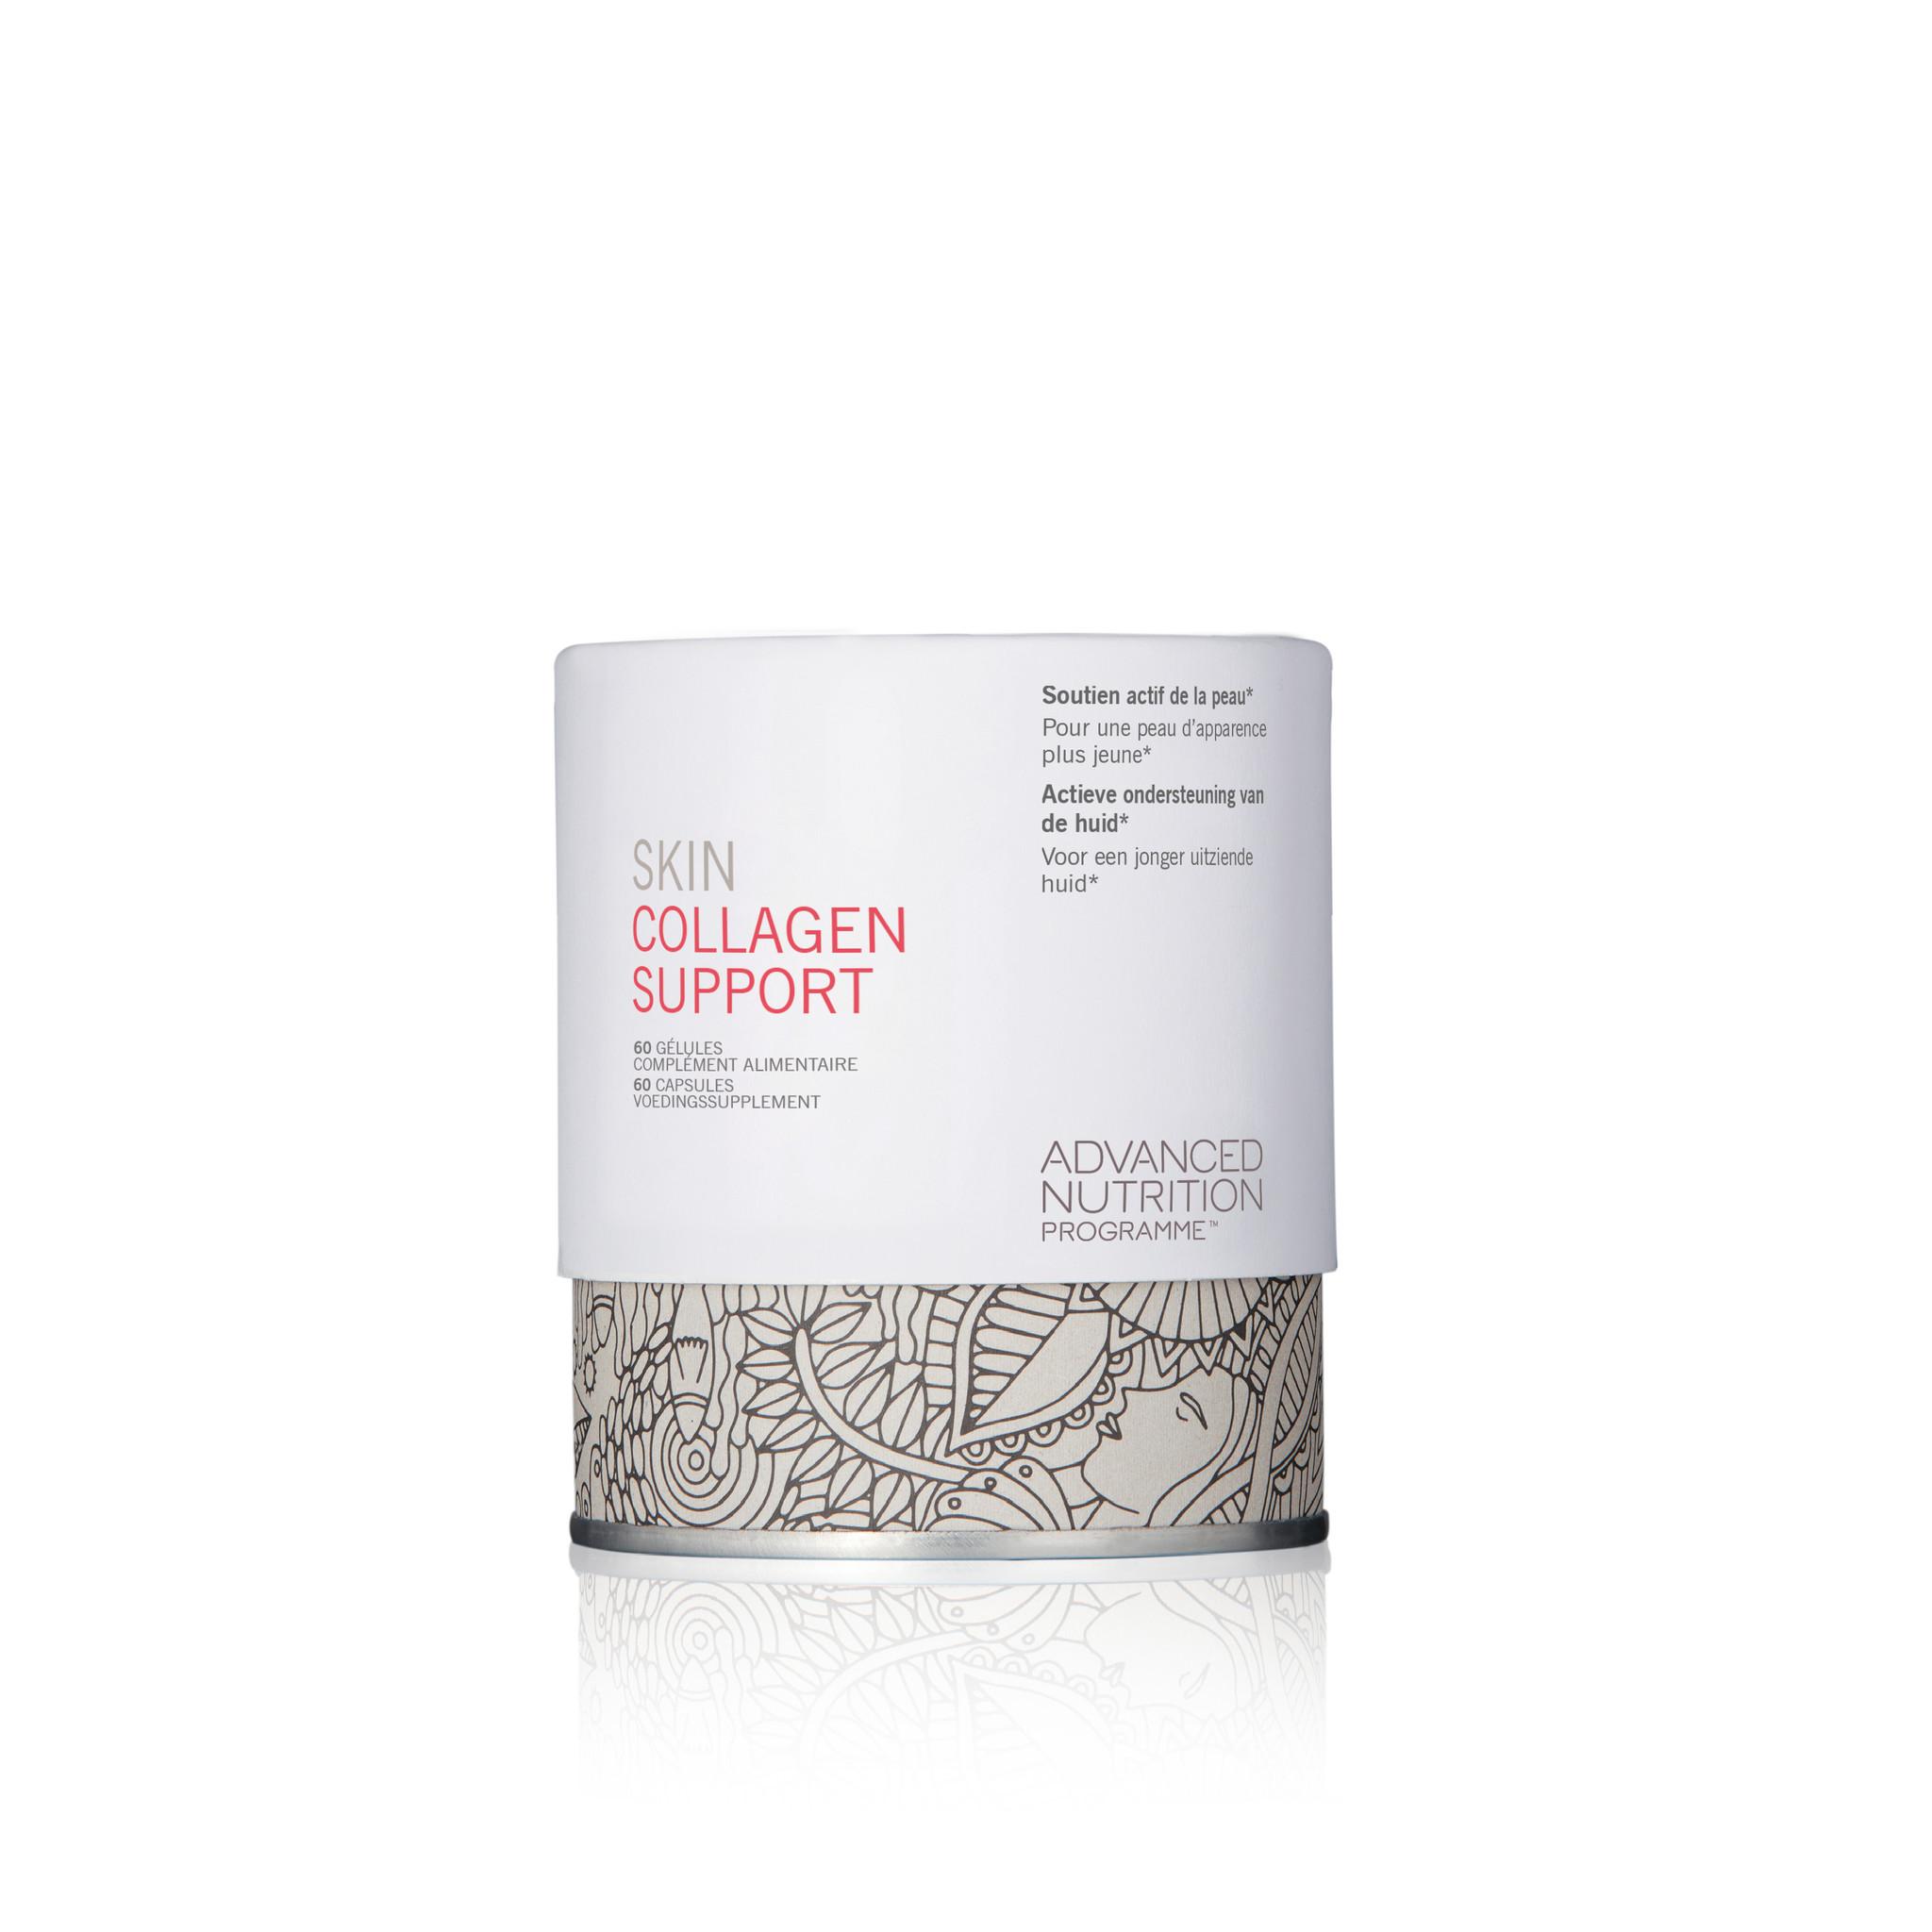 SKIN Collagen Support-1